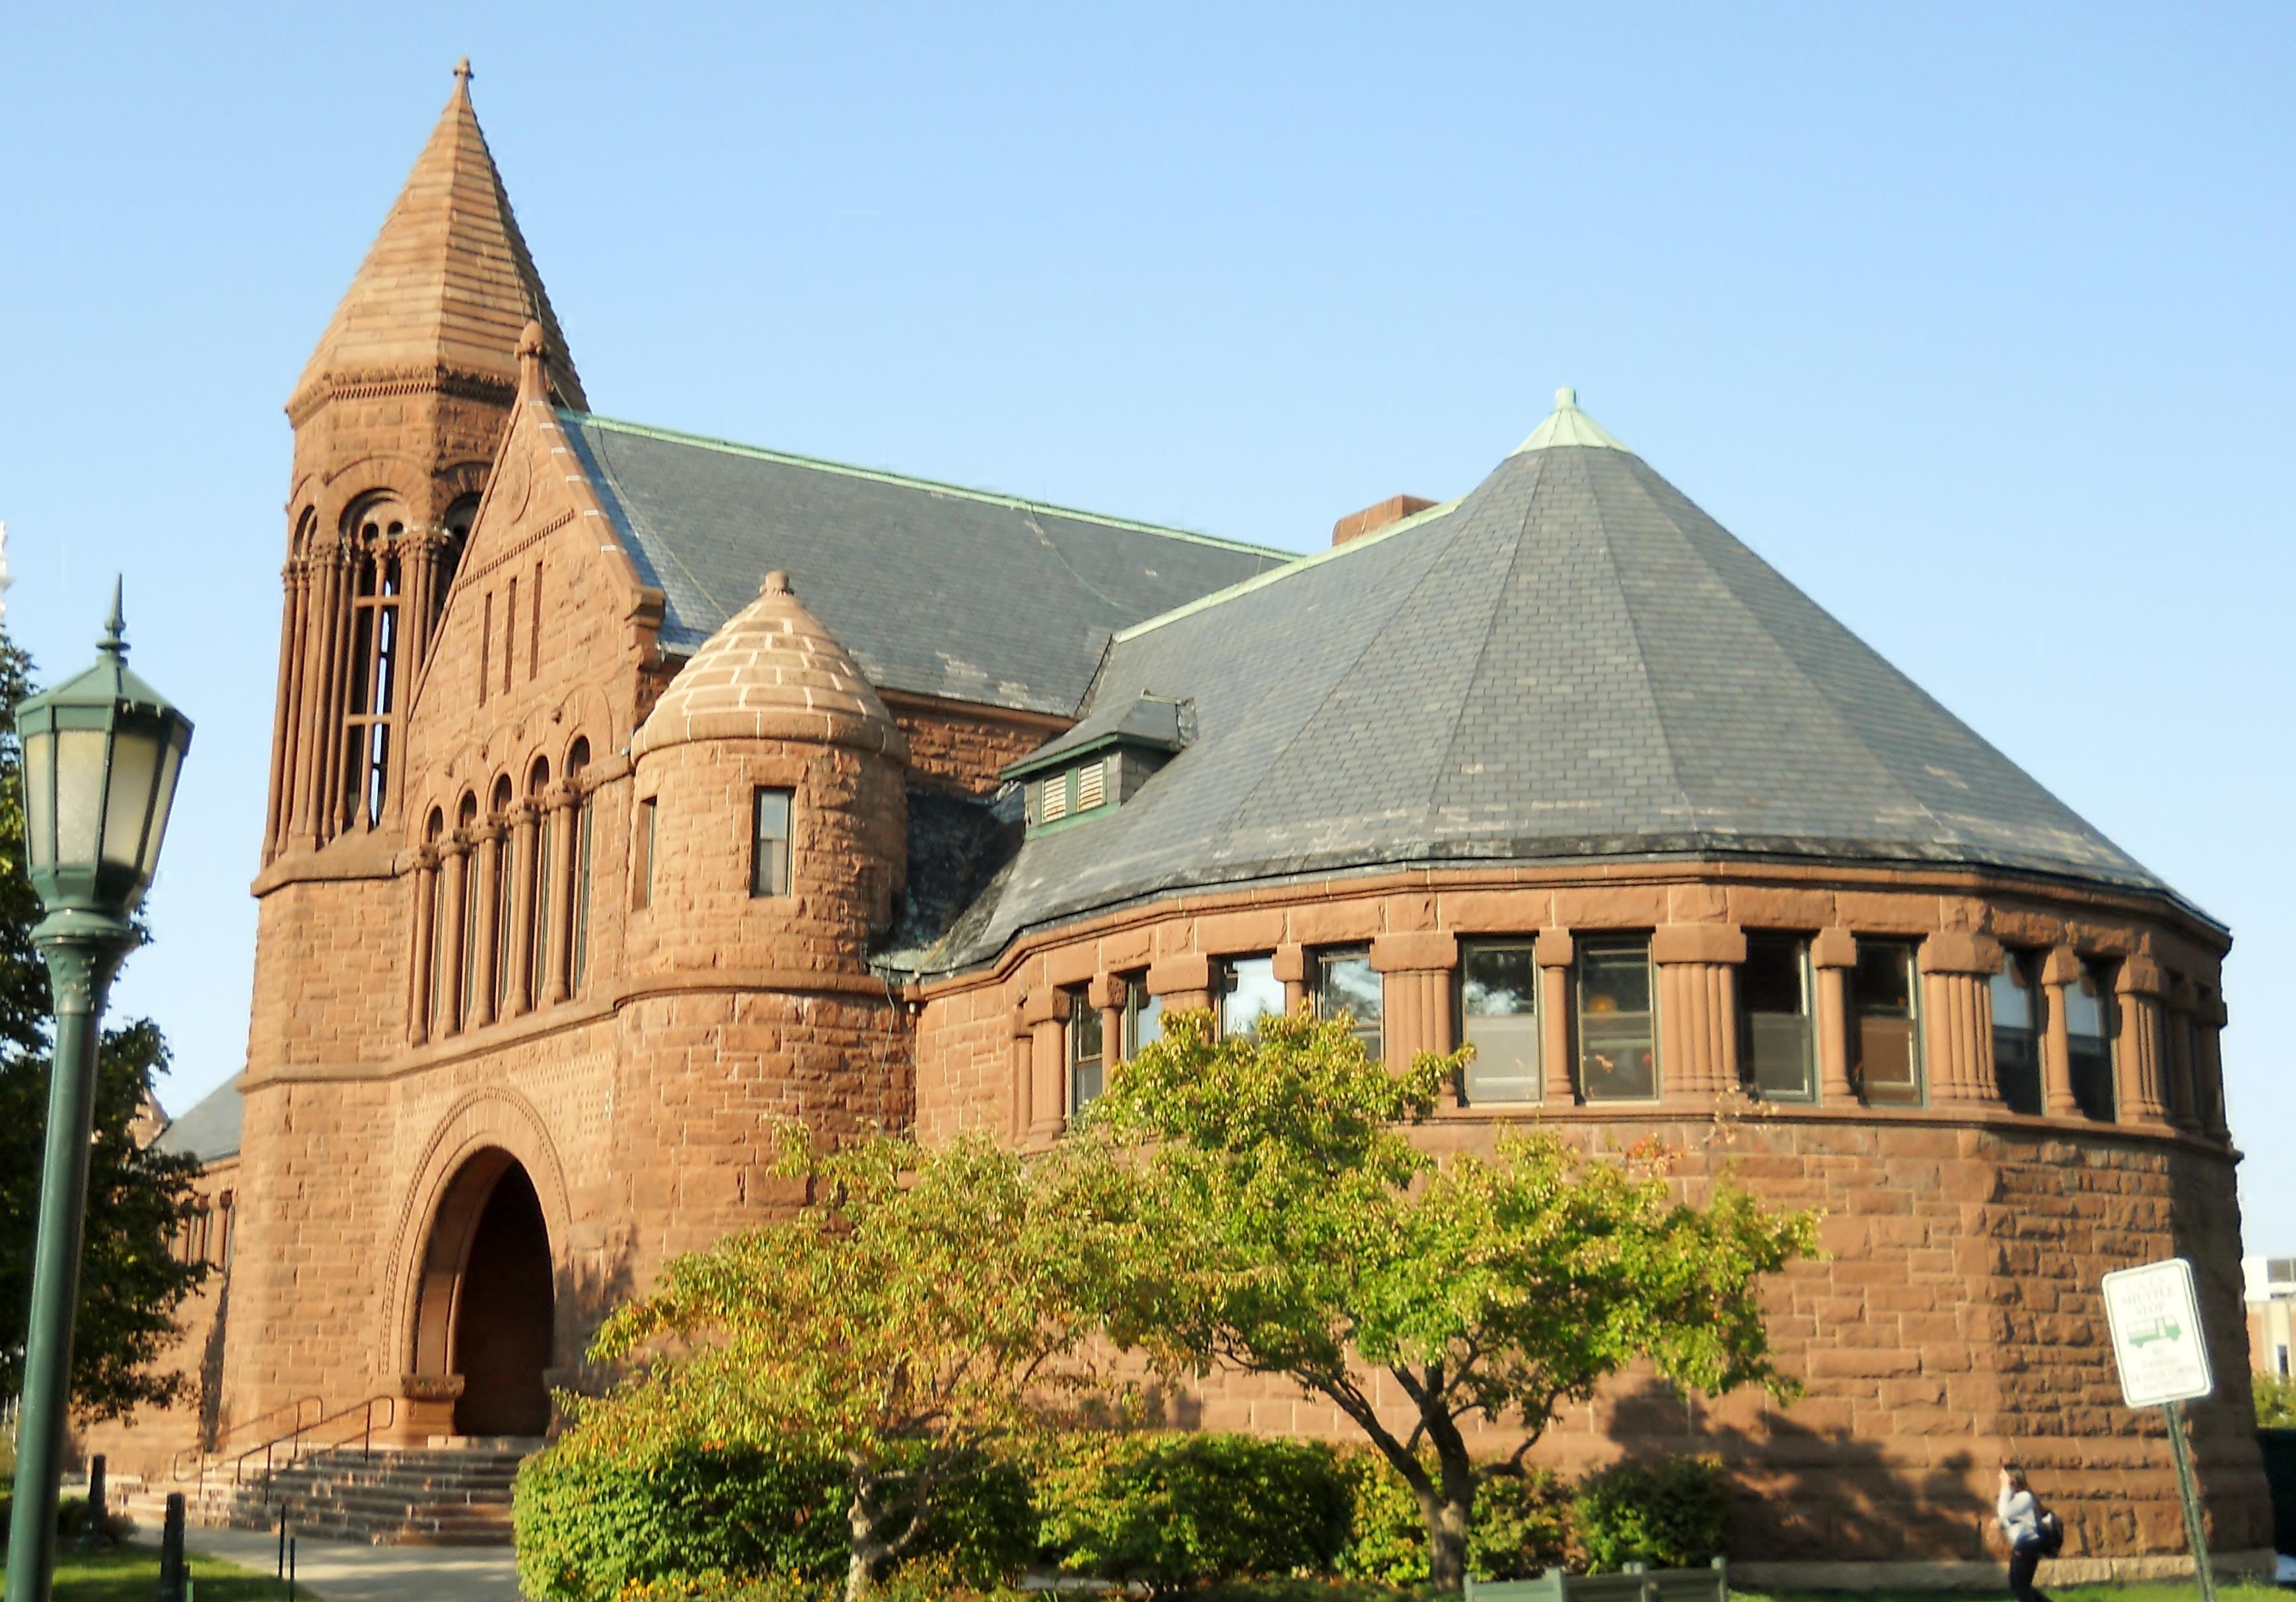 Billings Memorial Library